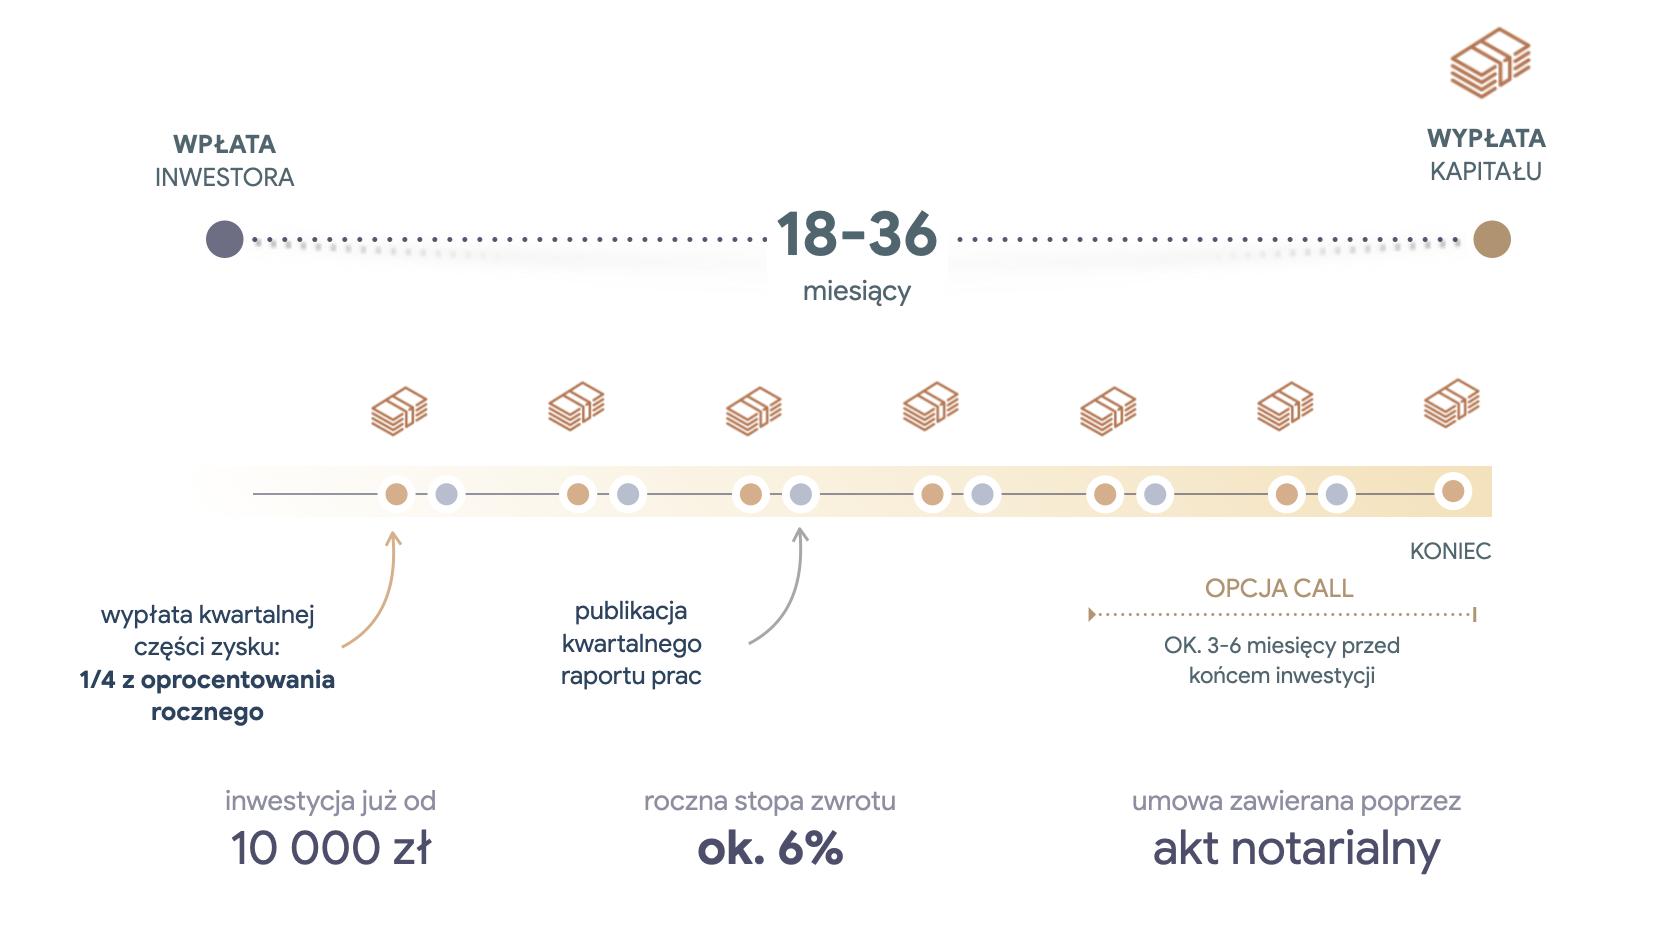 Przybliżony timeline inwestycji - Piotr Kruczek 2021